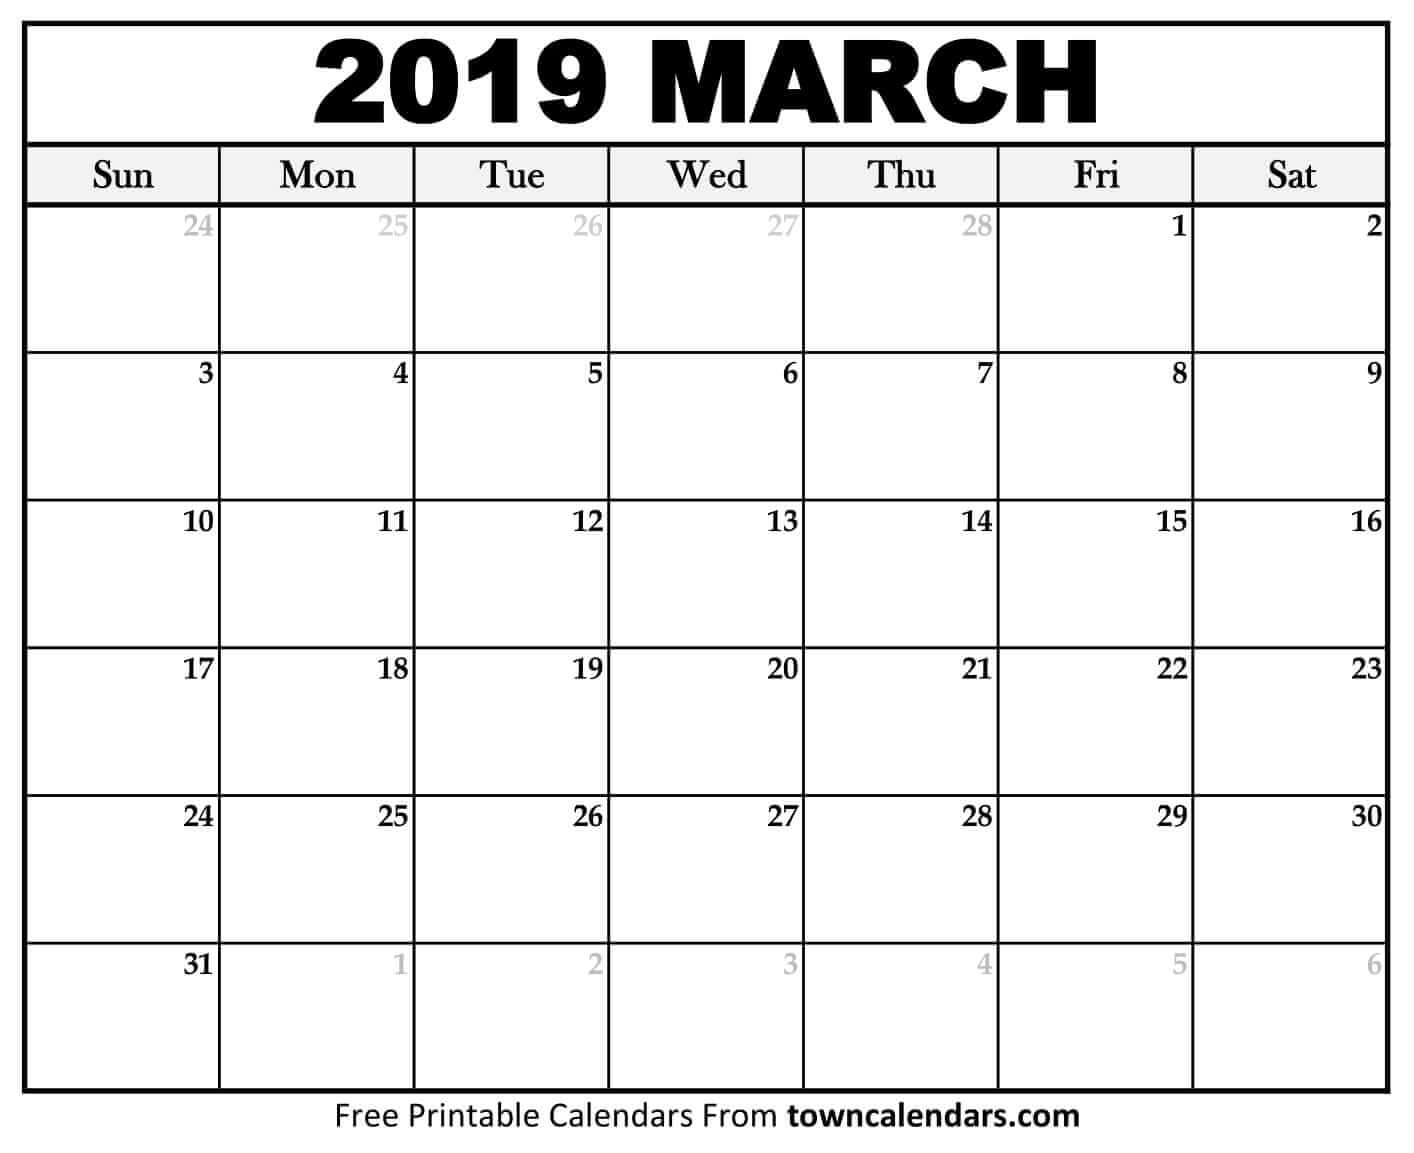 Printable March 2019 Calendar – Towncalendars March 2 2019 Calendar